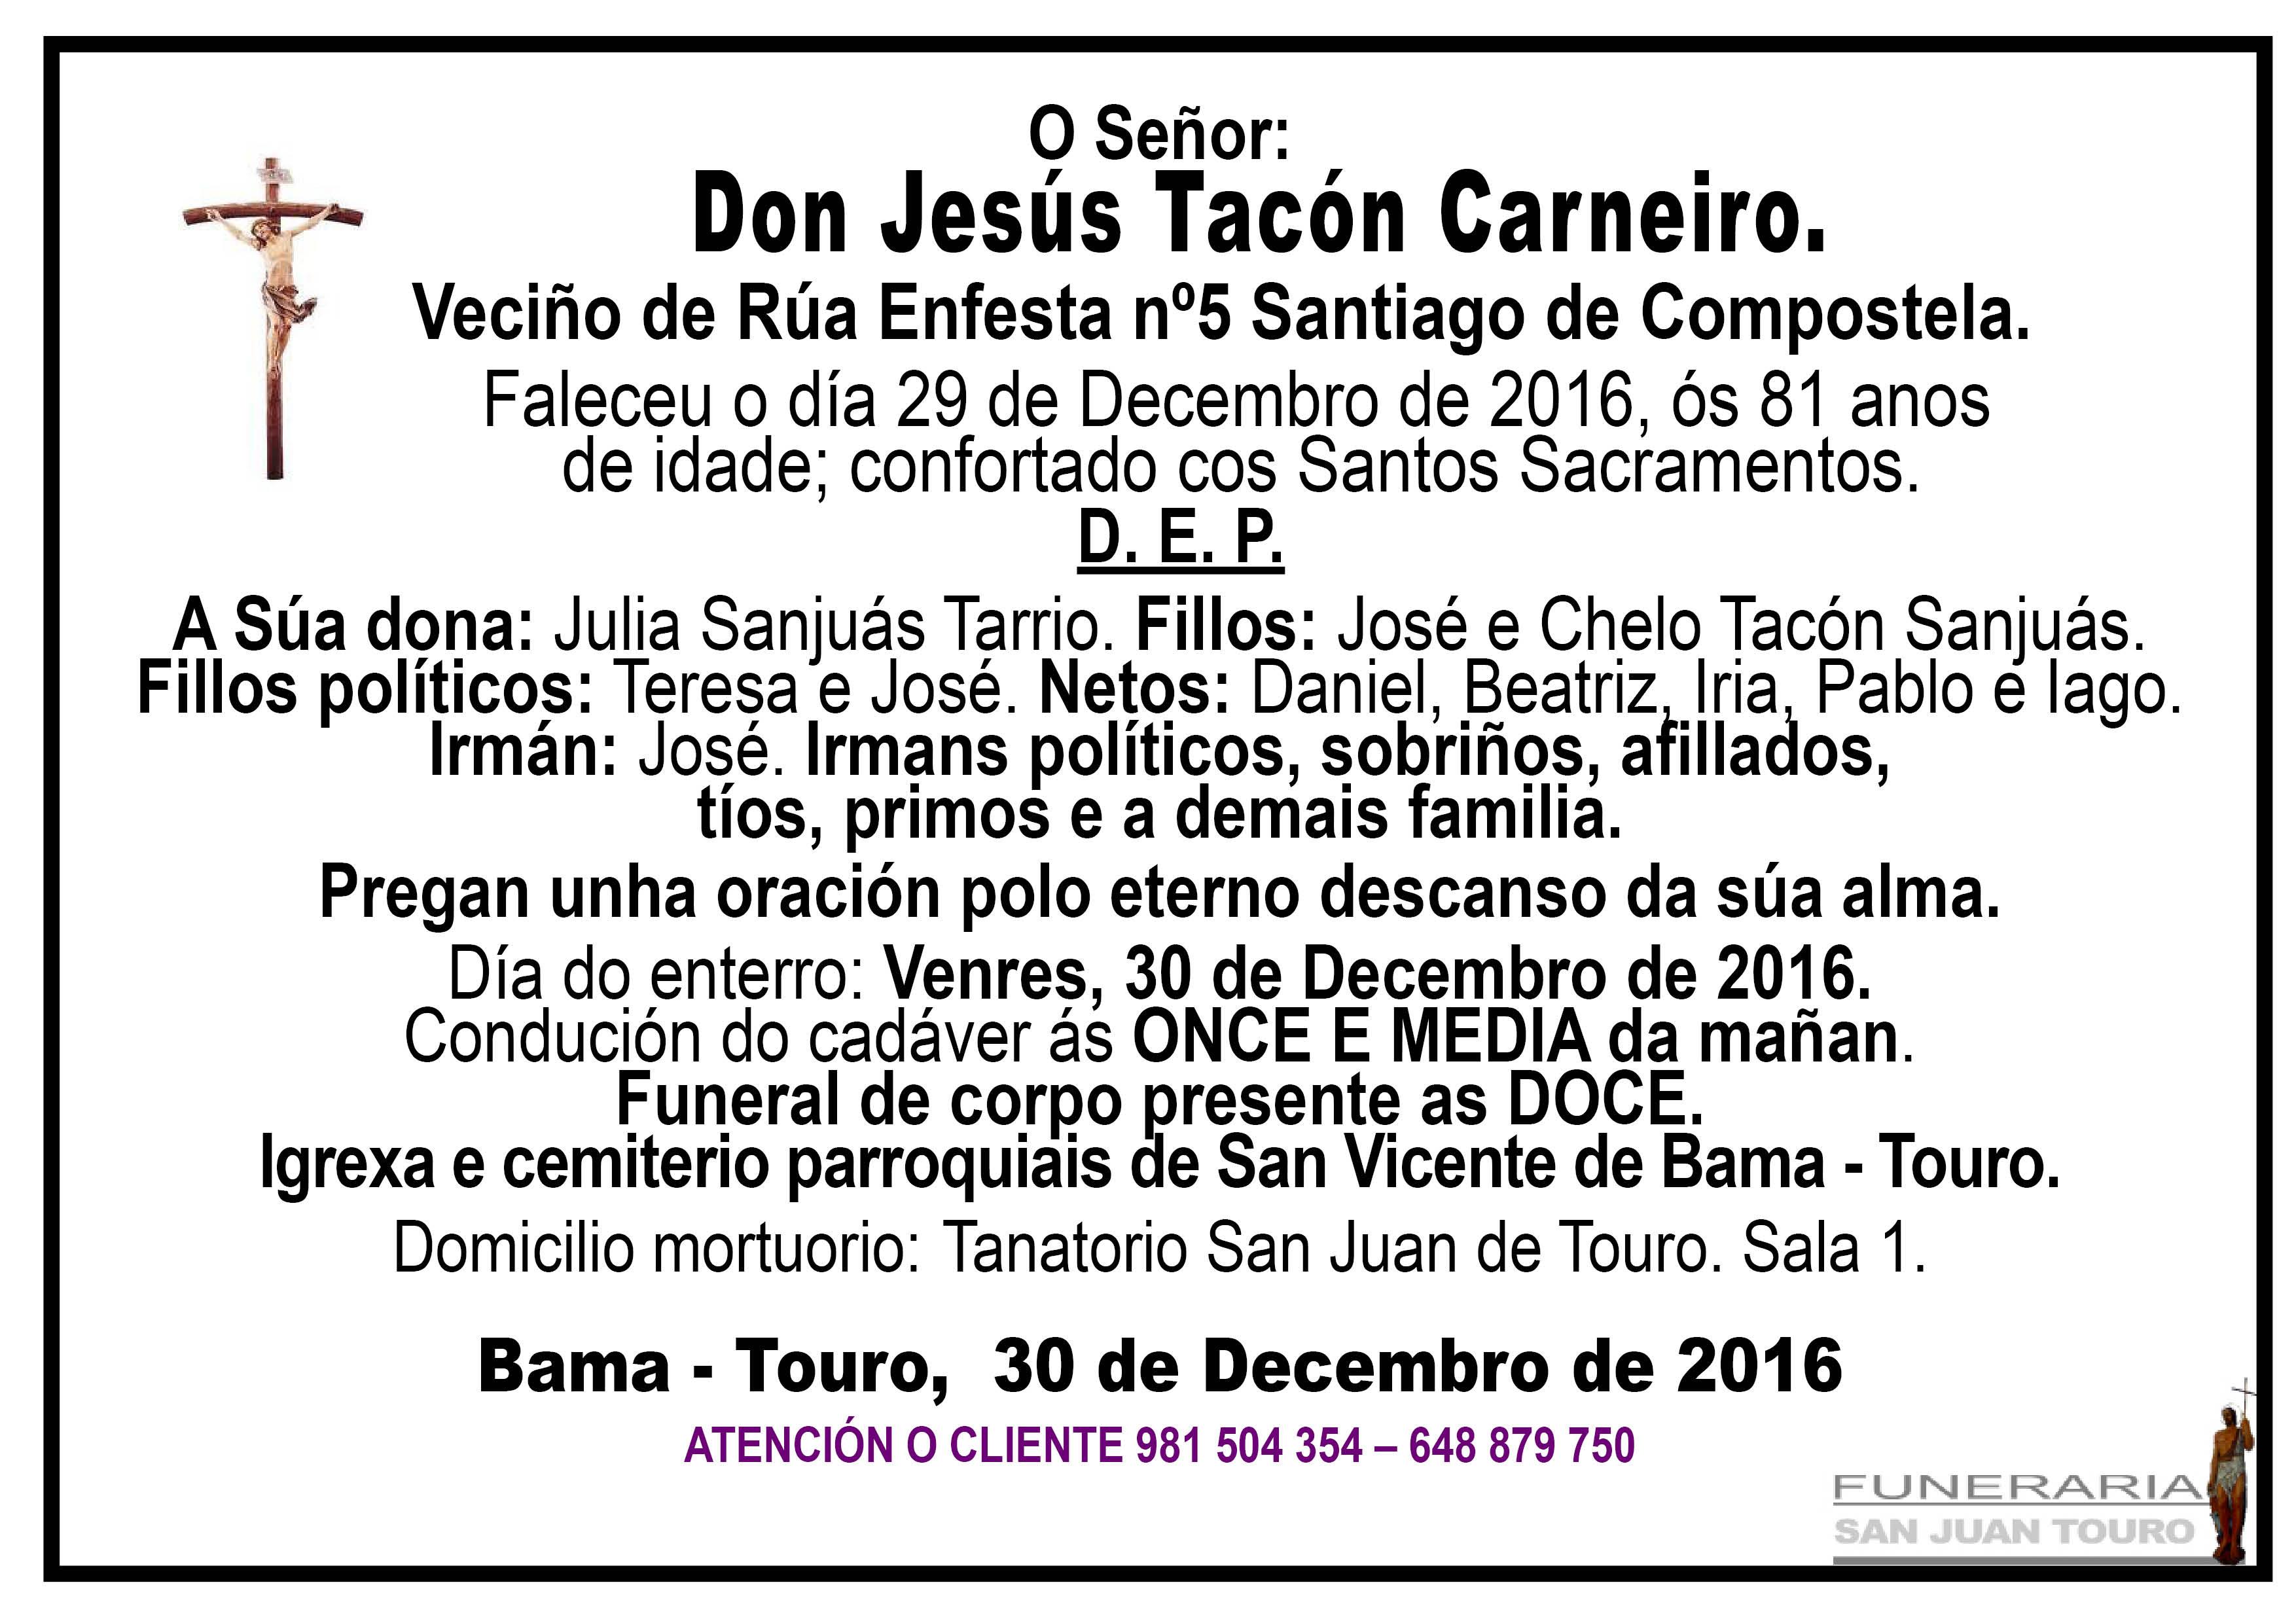 Esquela de Sepelio de Don Jesús Tacón Carneiro.